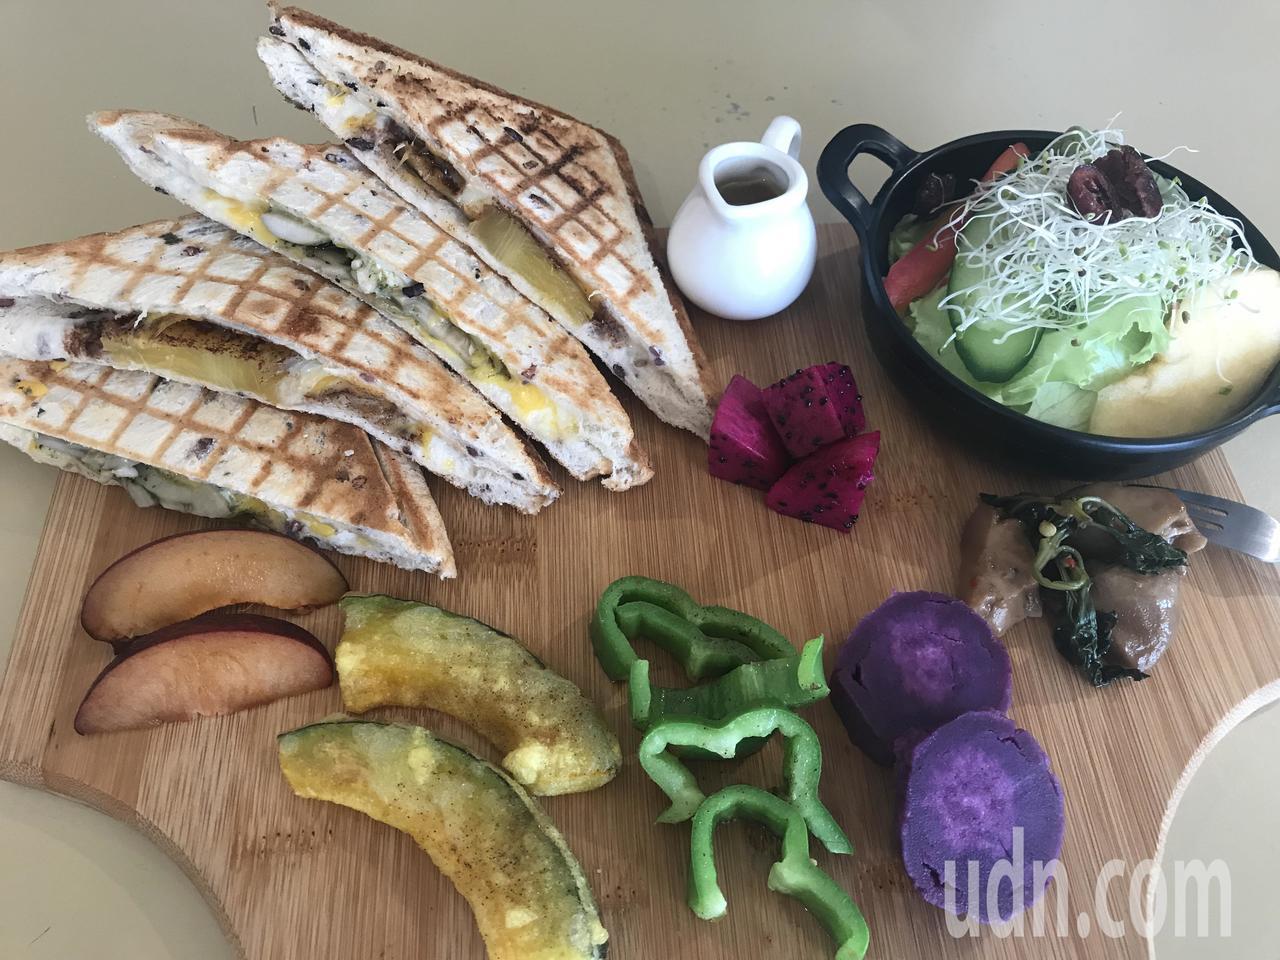 甲菜蔬食早午餐的限量套餐得看老闆心情搭配當季新鮮蔬果推出不同菜色,手工米吐司是用...